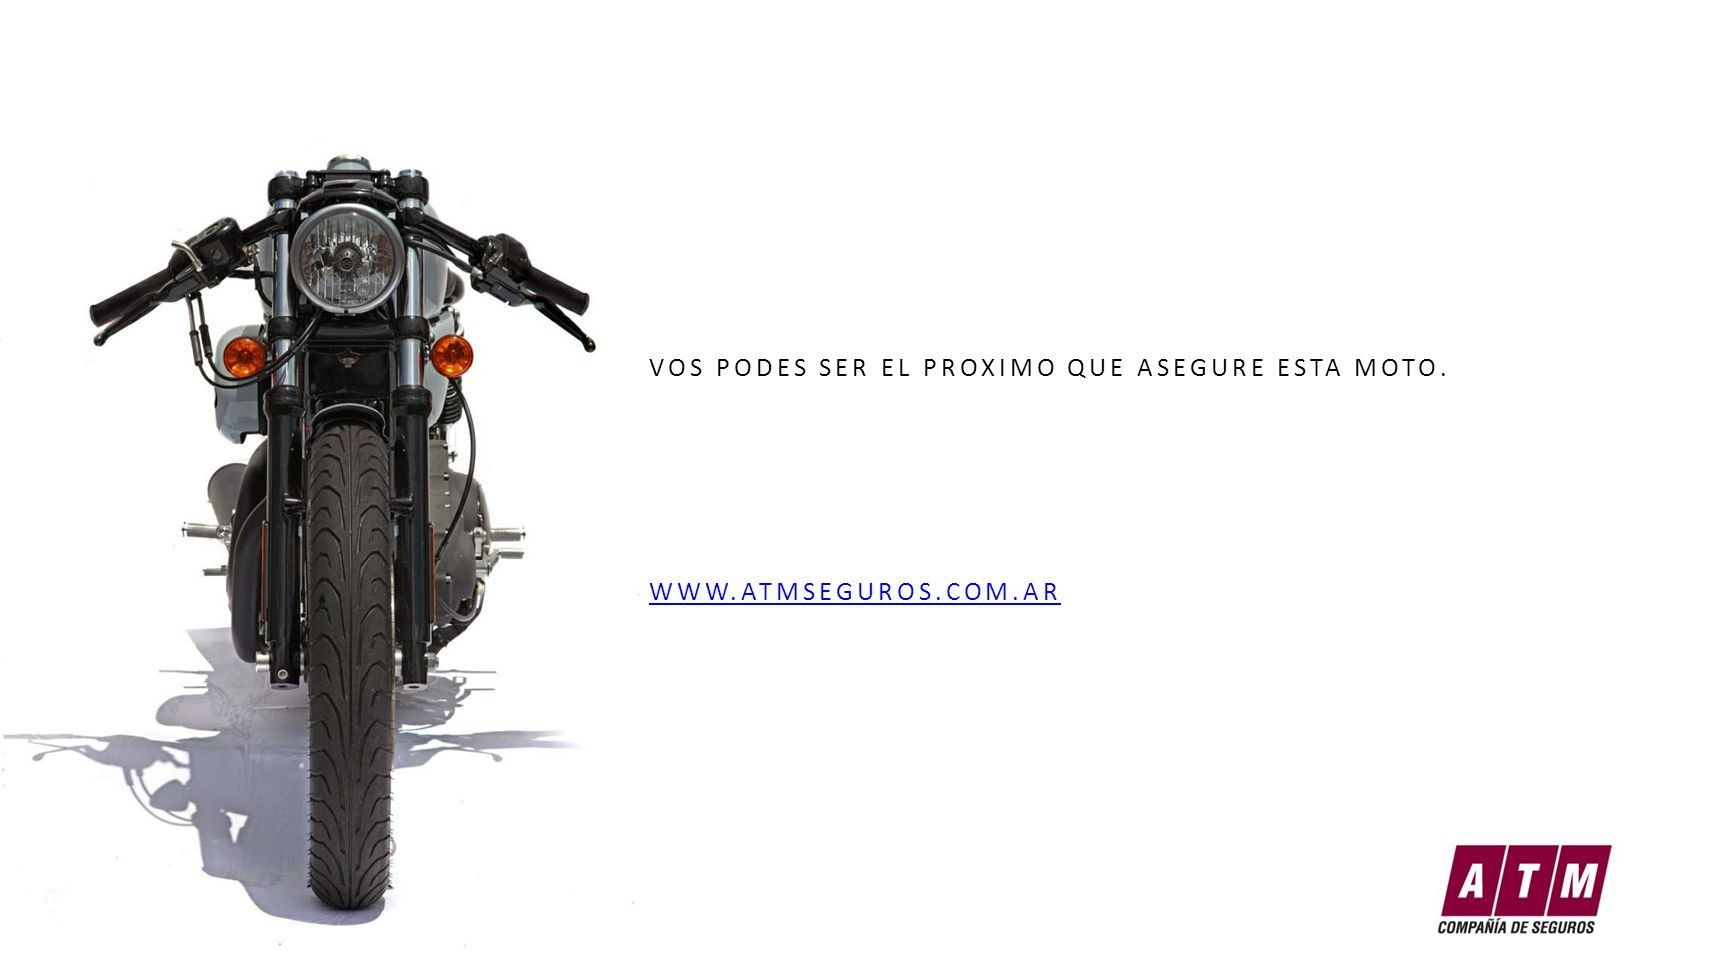 VOS PODES SER EL PROXIMO QUE ASEGURE ESTA MOTO.